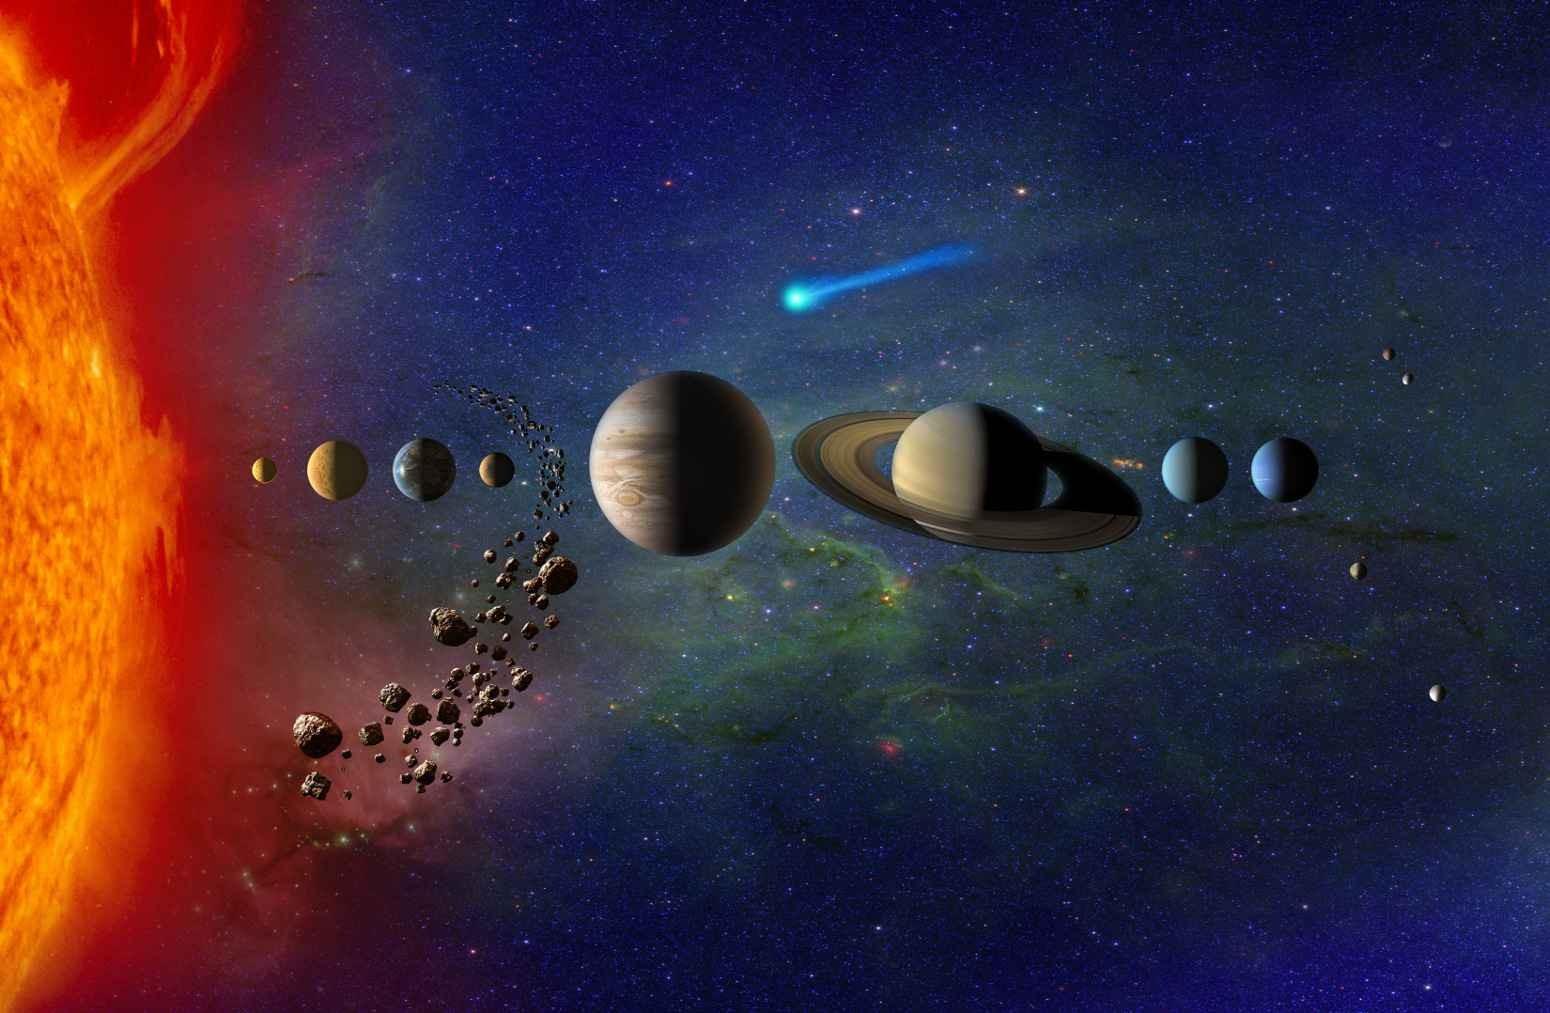 Les planètes du Système solaire : par rapport au Soleil